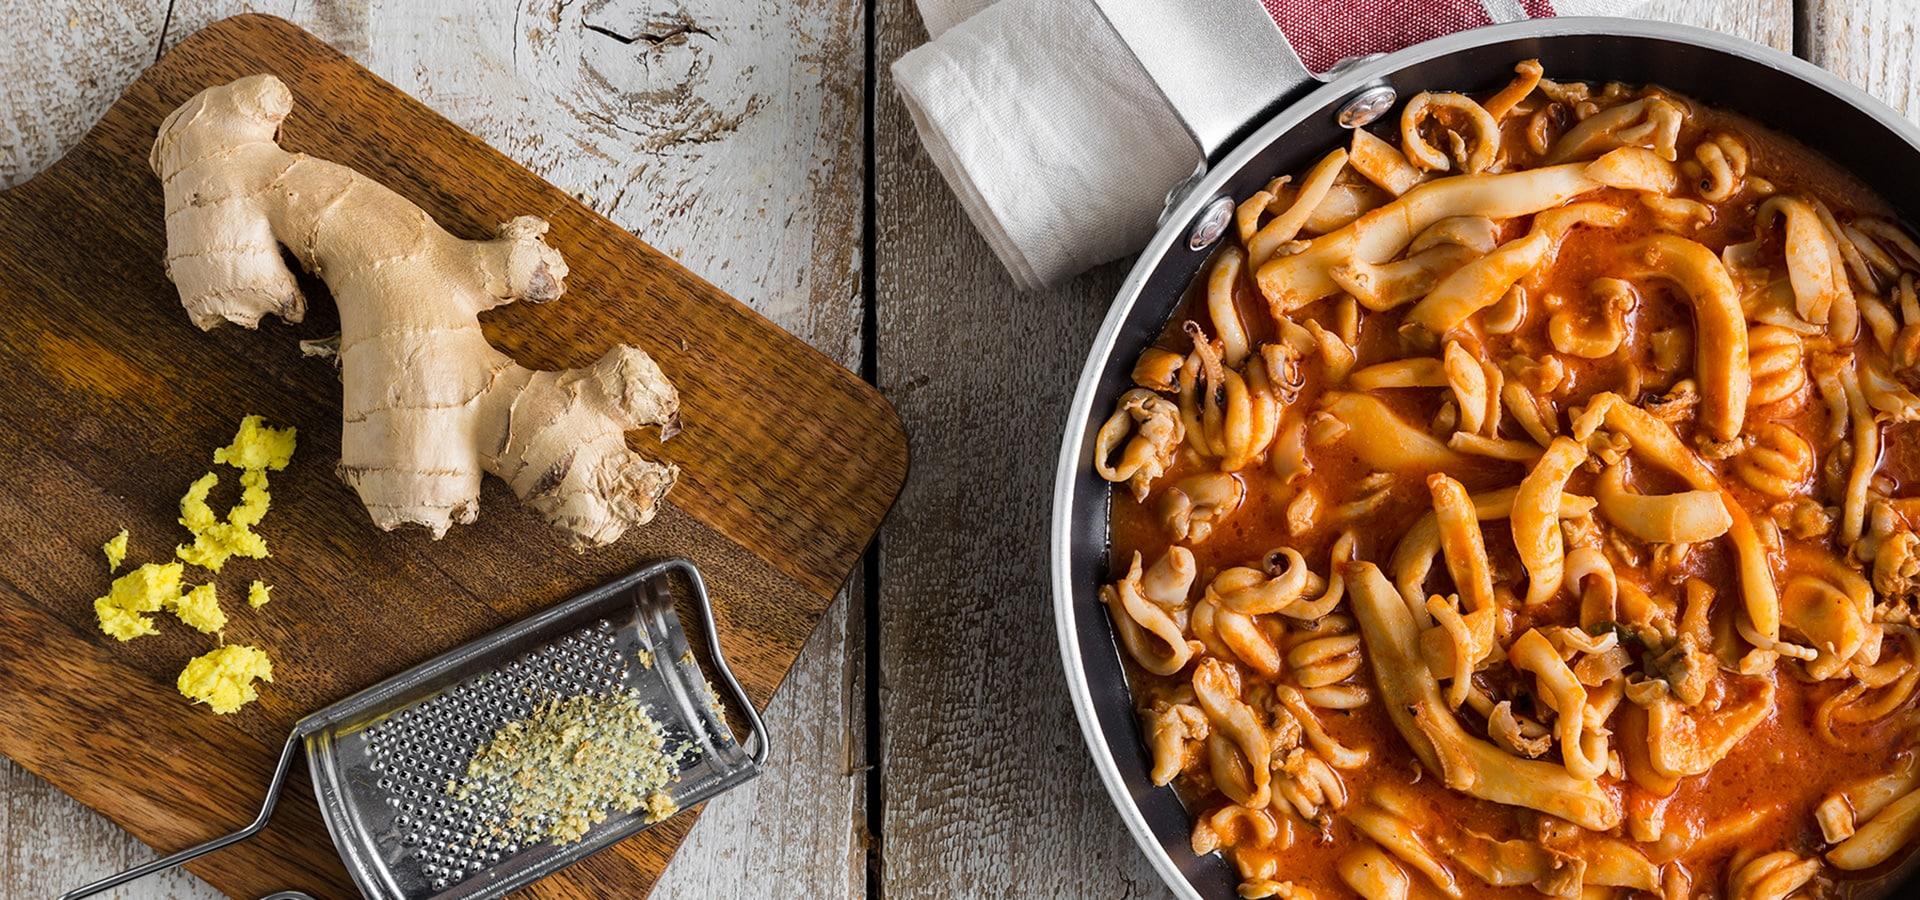 Come cucinare lo zenzero propriet usi e ricette come for Cucinare zenzero